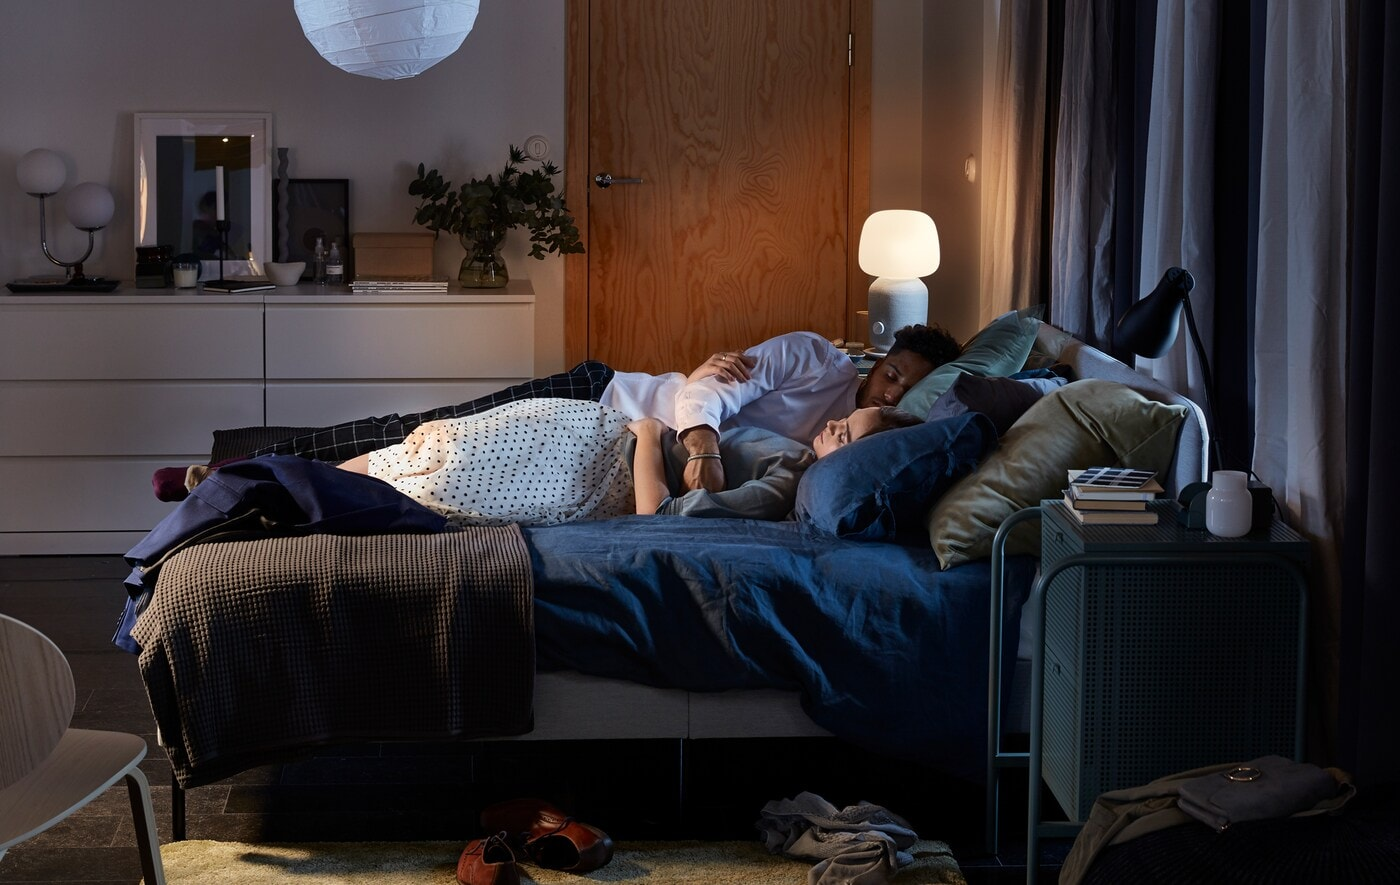 Pareja duerme abrazada en una cama SLATTUM, con una lámpara con altavoz SYMFONISK